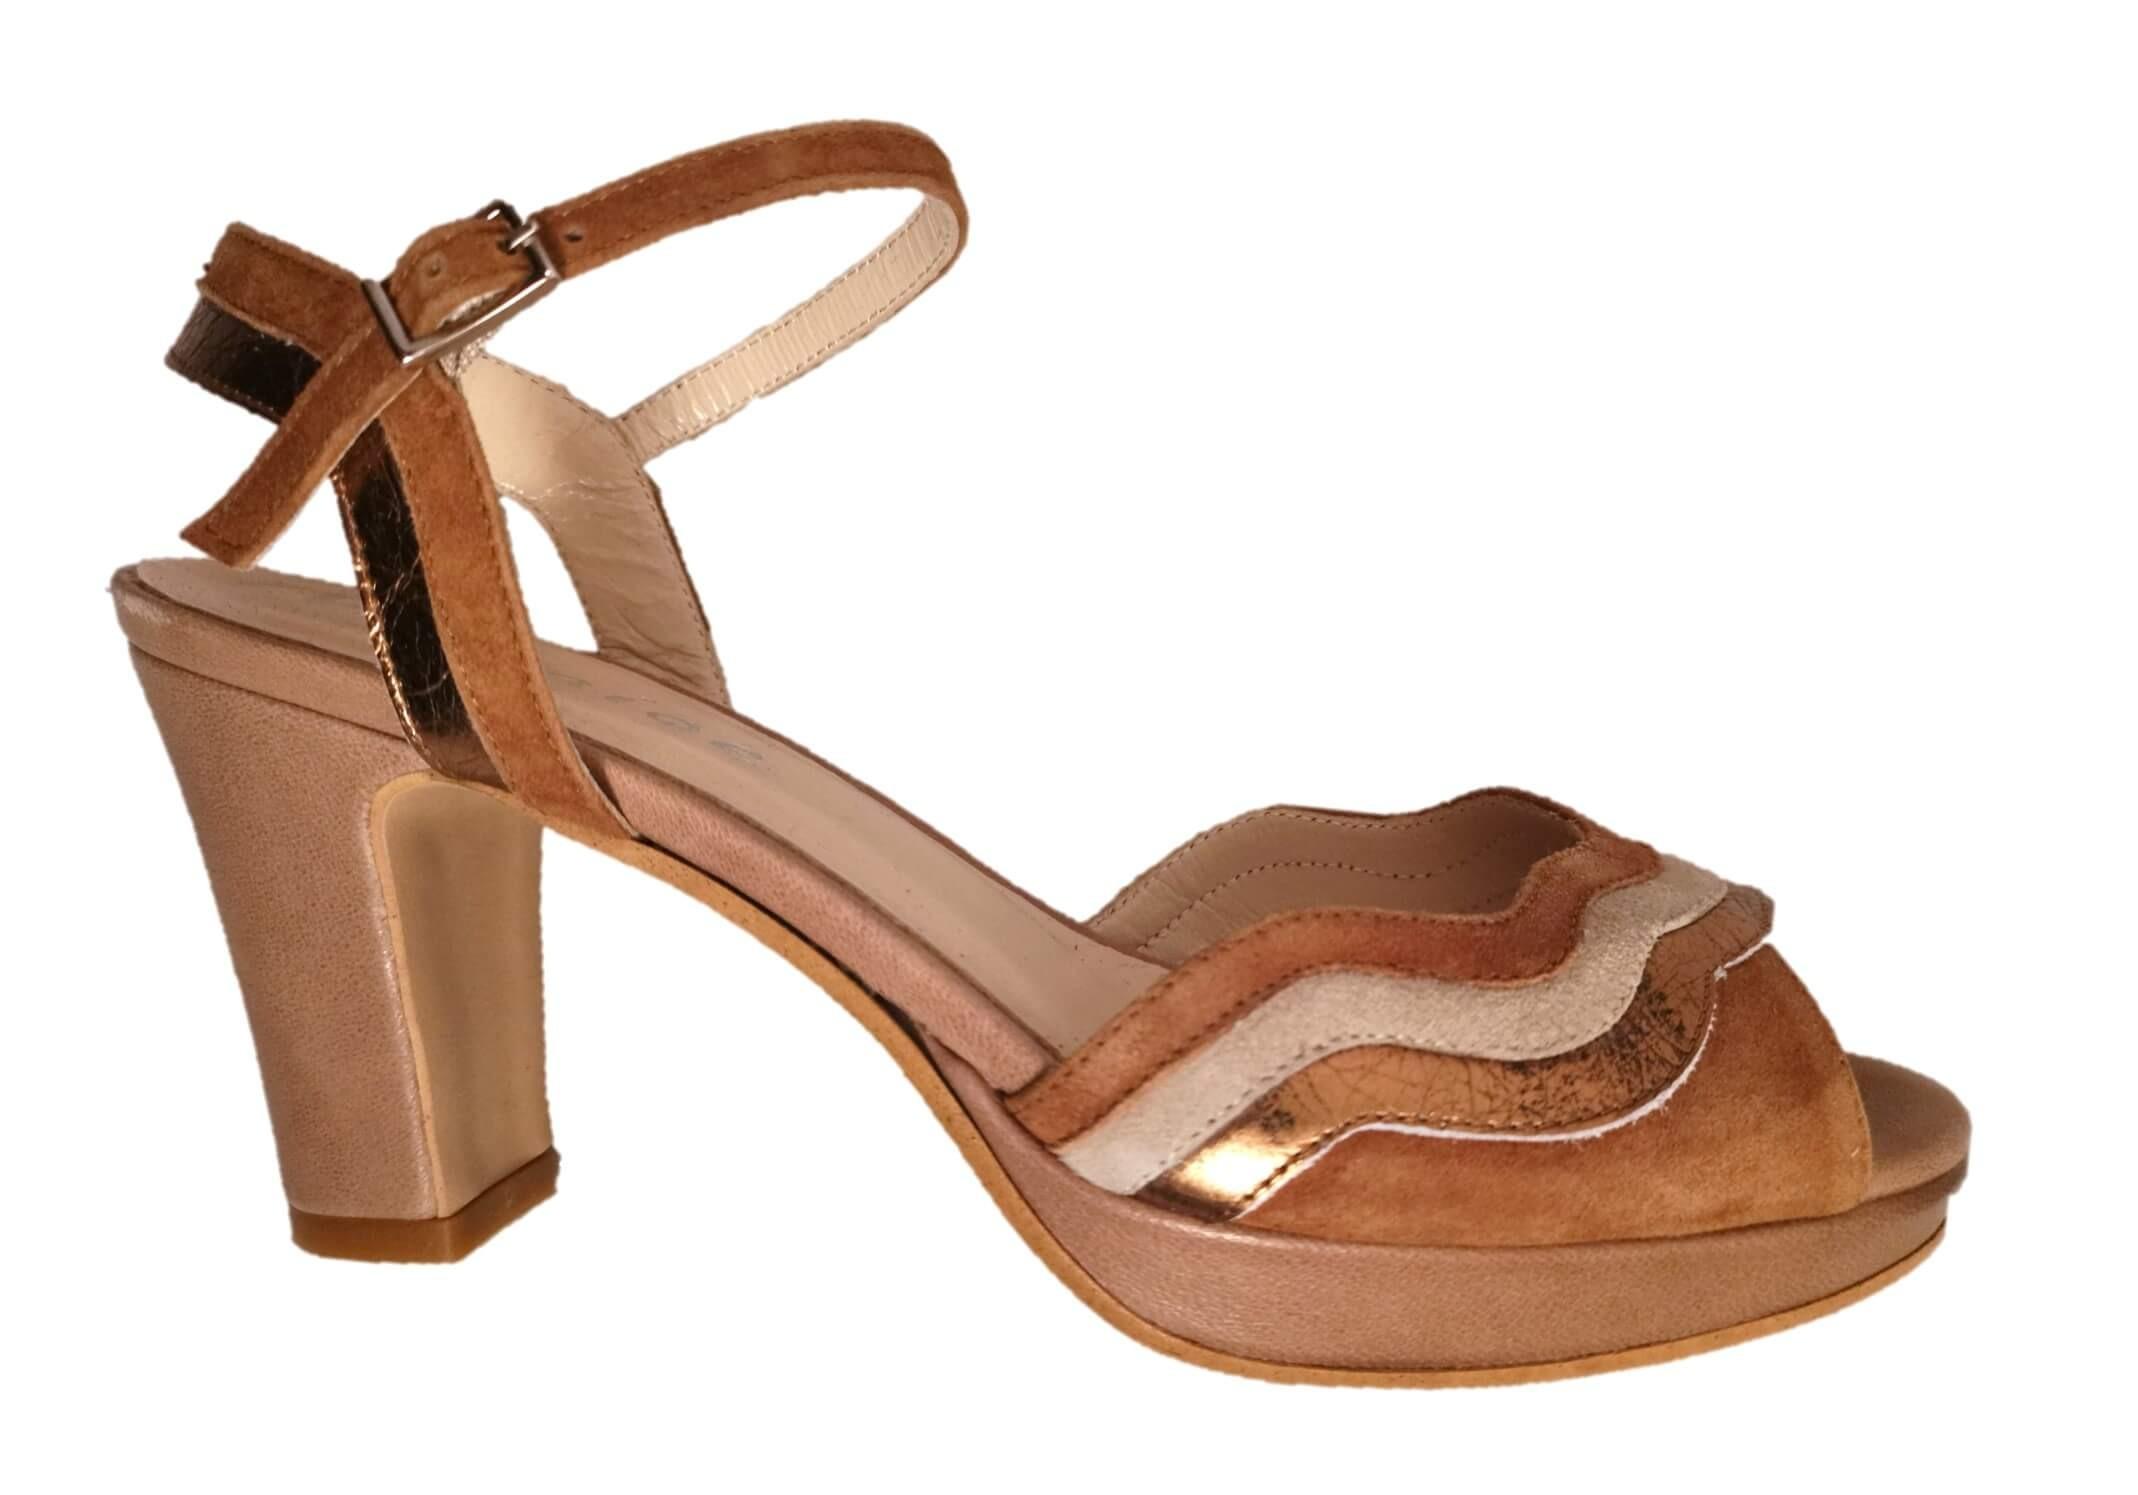 Beige Sandals | High Heel | Peep Toe